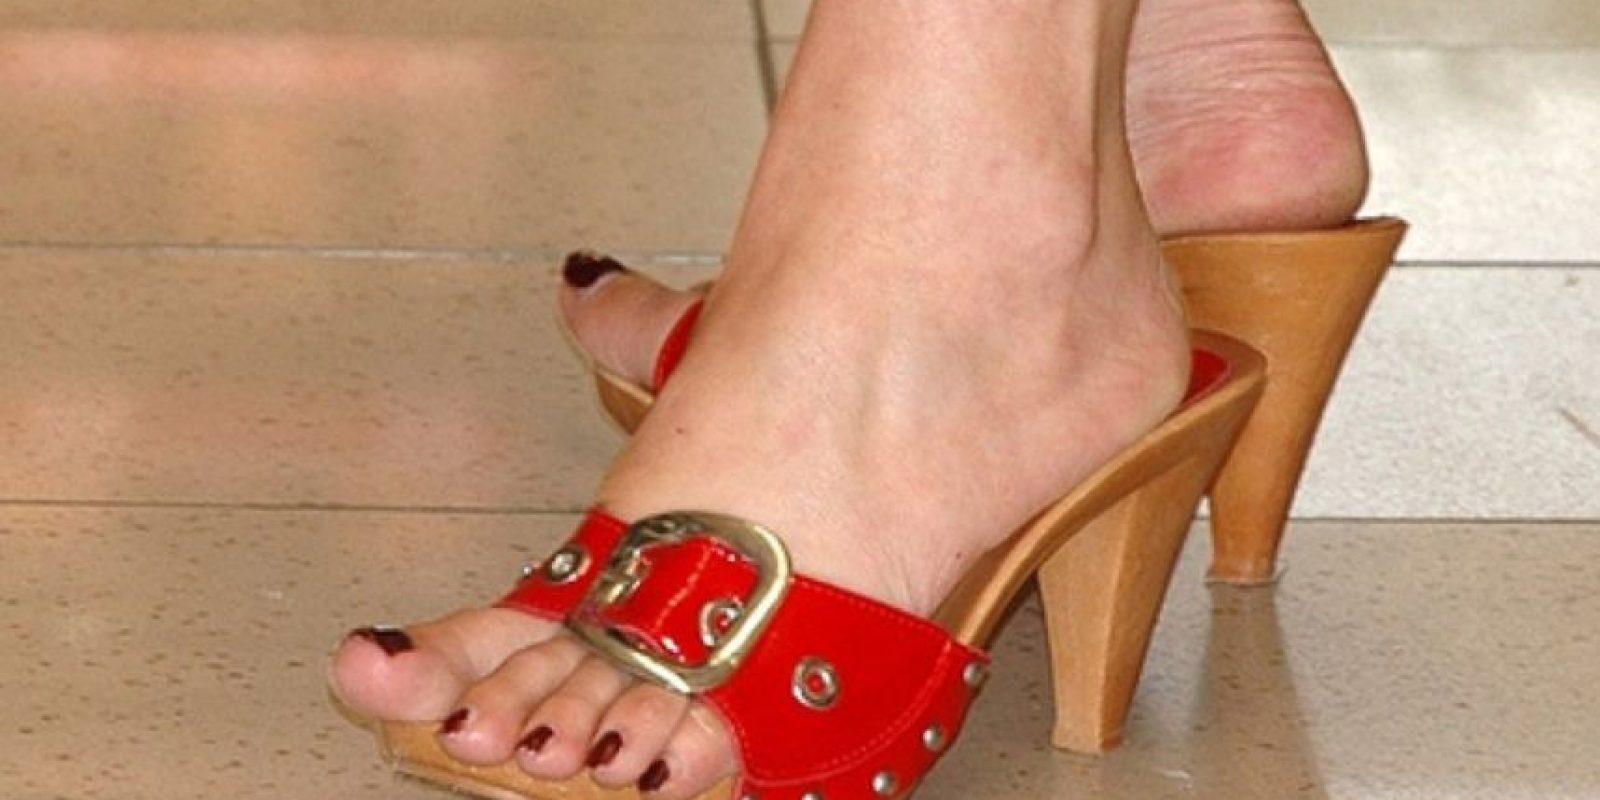 Talones secos y dedos libres… No es la mejor combinación Foto:Tumblr.com/Tagged-zapatos-wtf